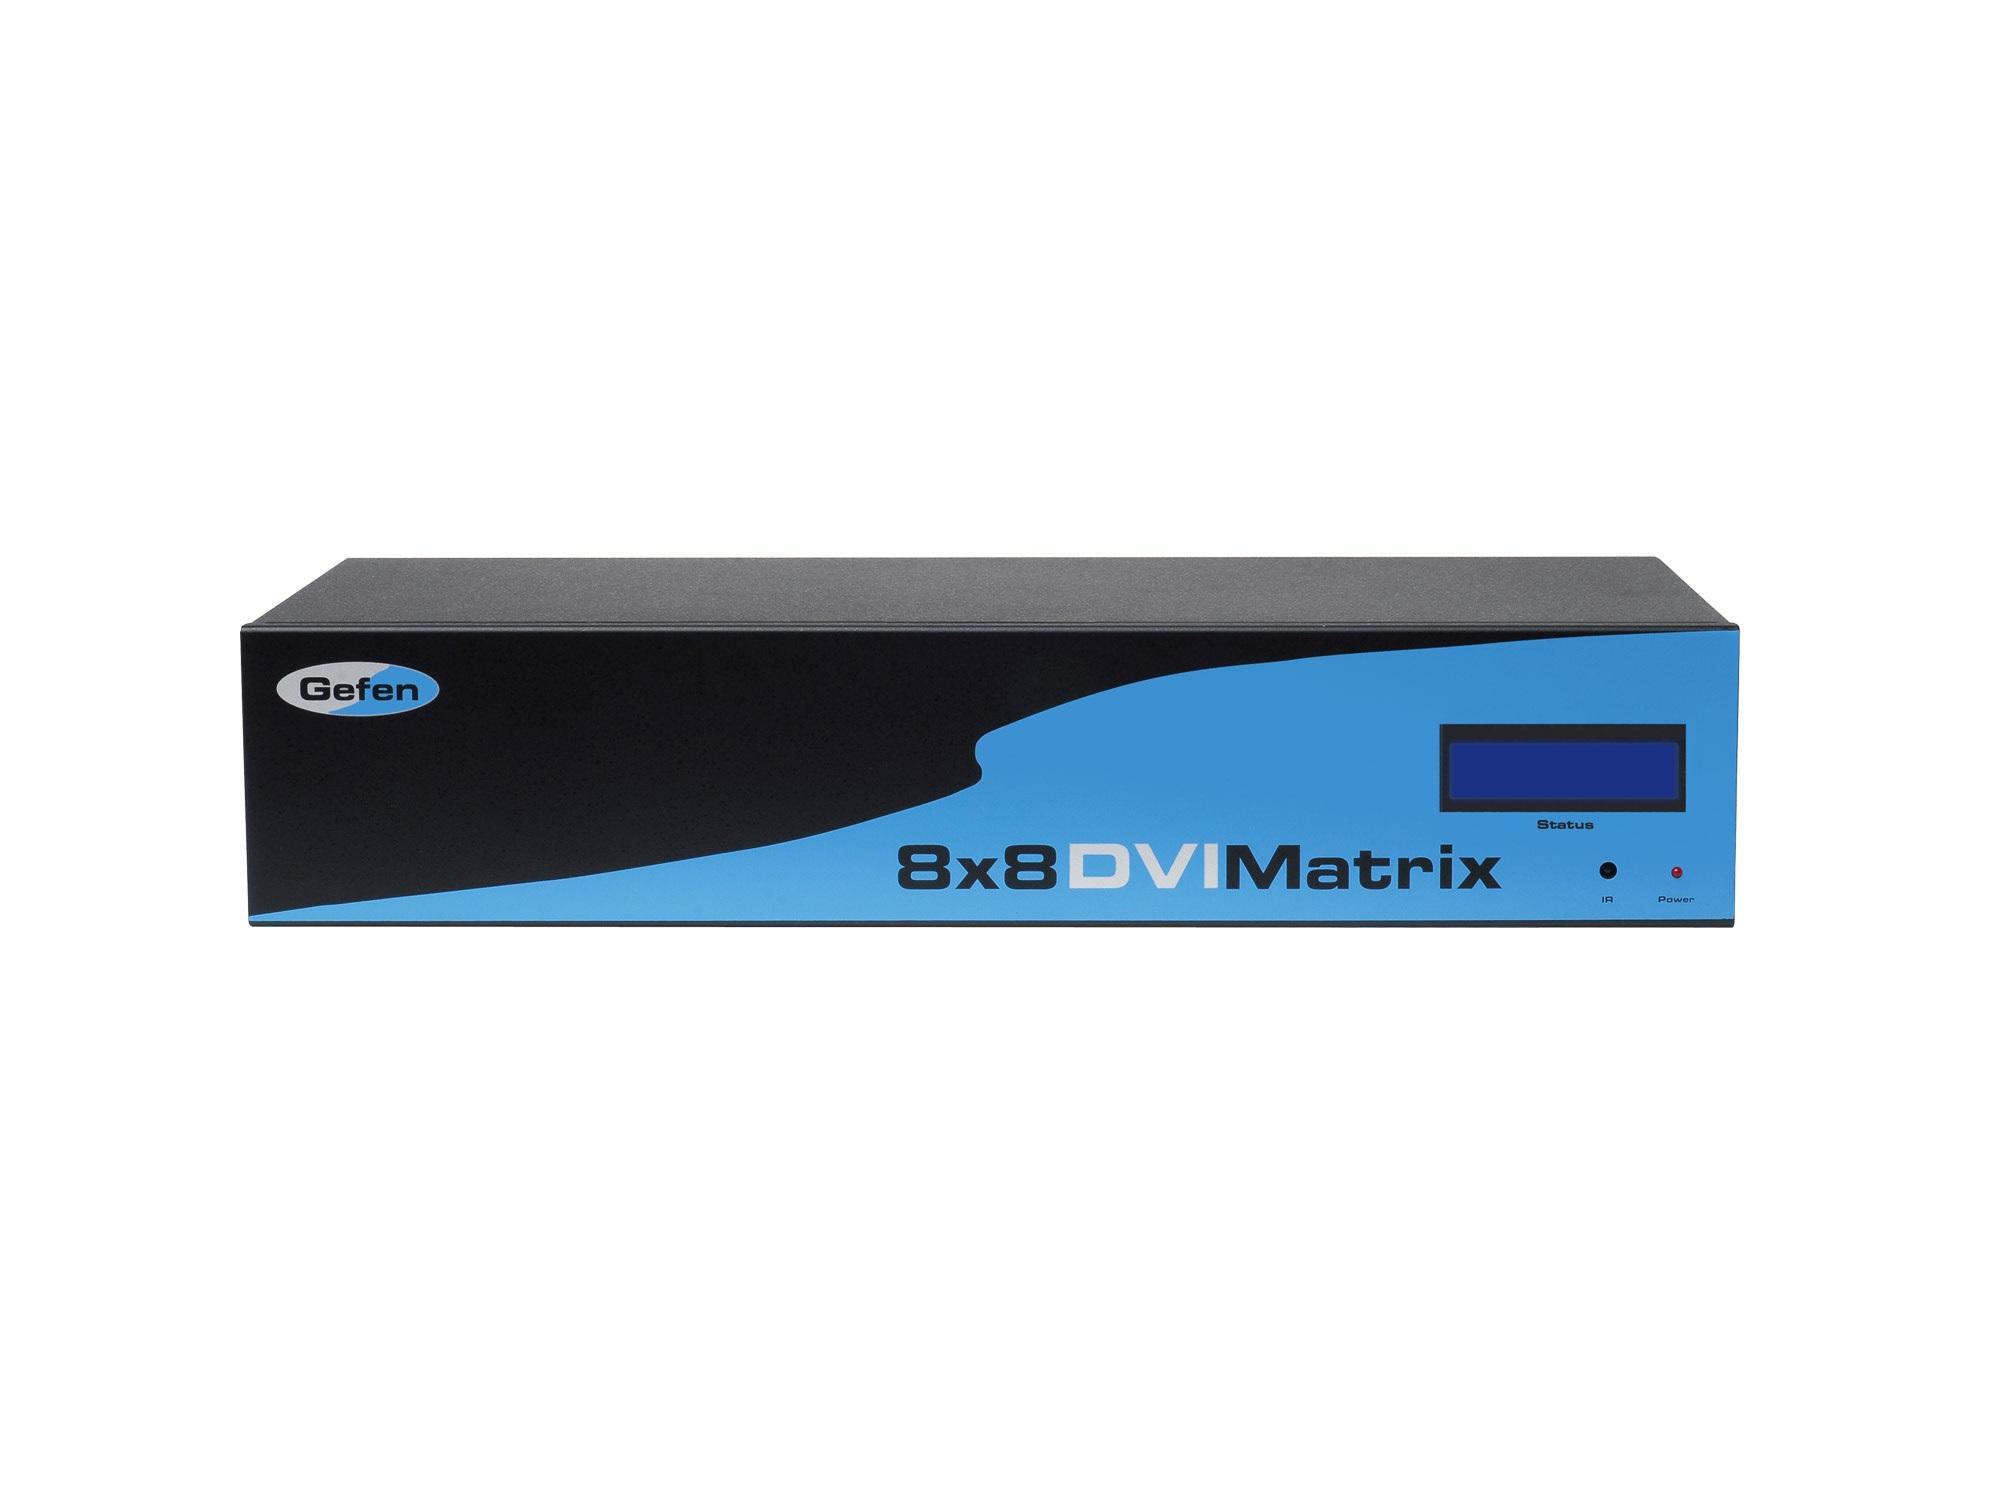 Gefen EXT-DVI-848 8x8 DVI matrix switch